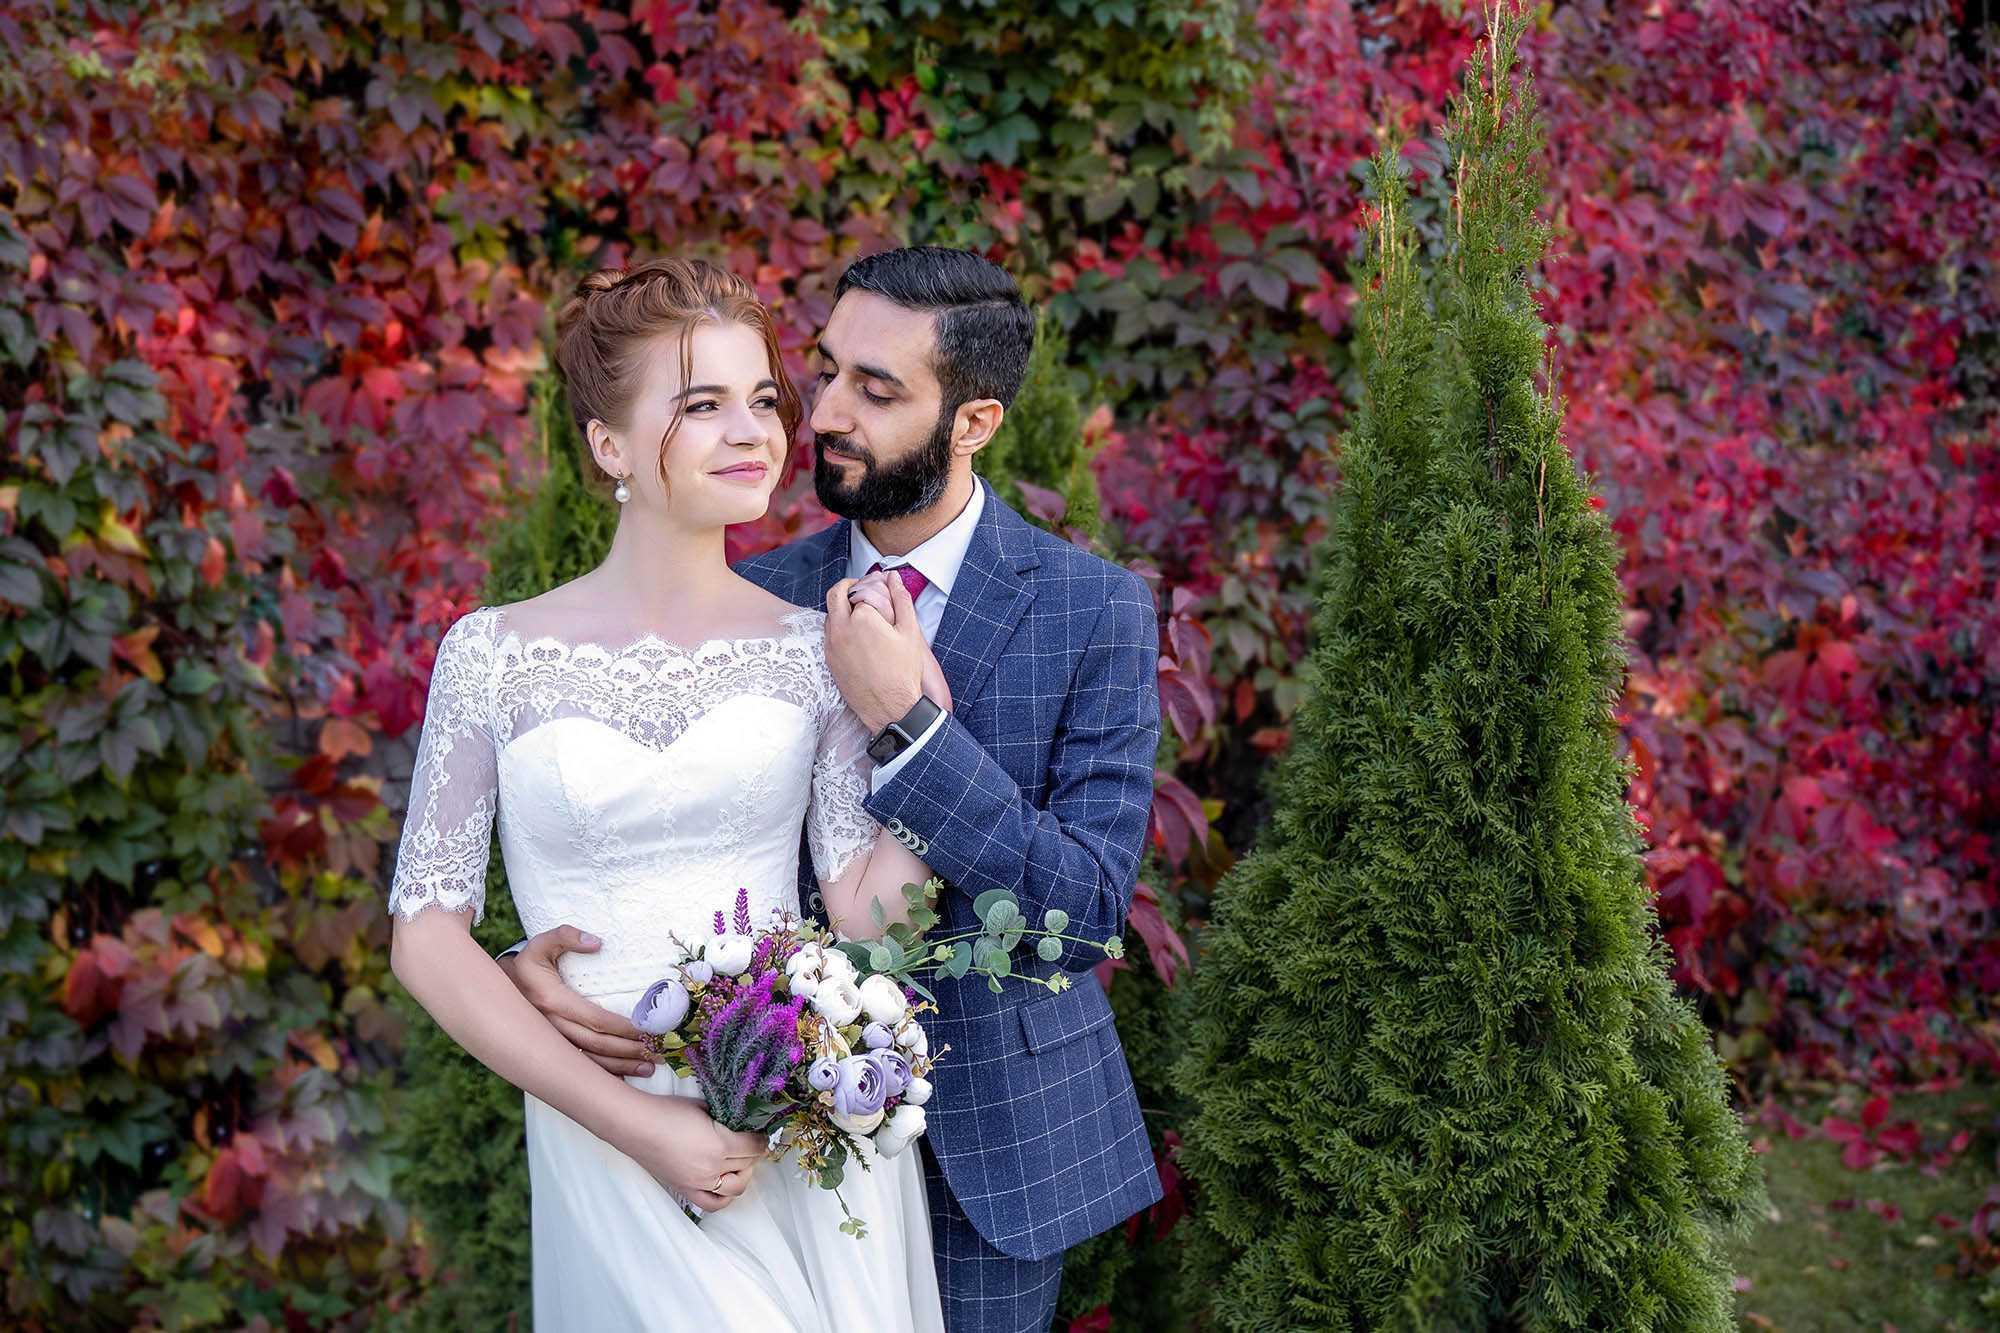 фотограф осенью , стиль свадьбы красный